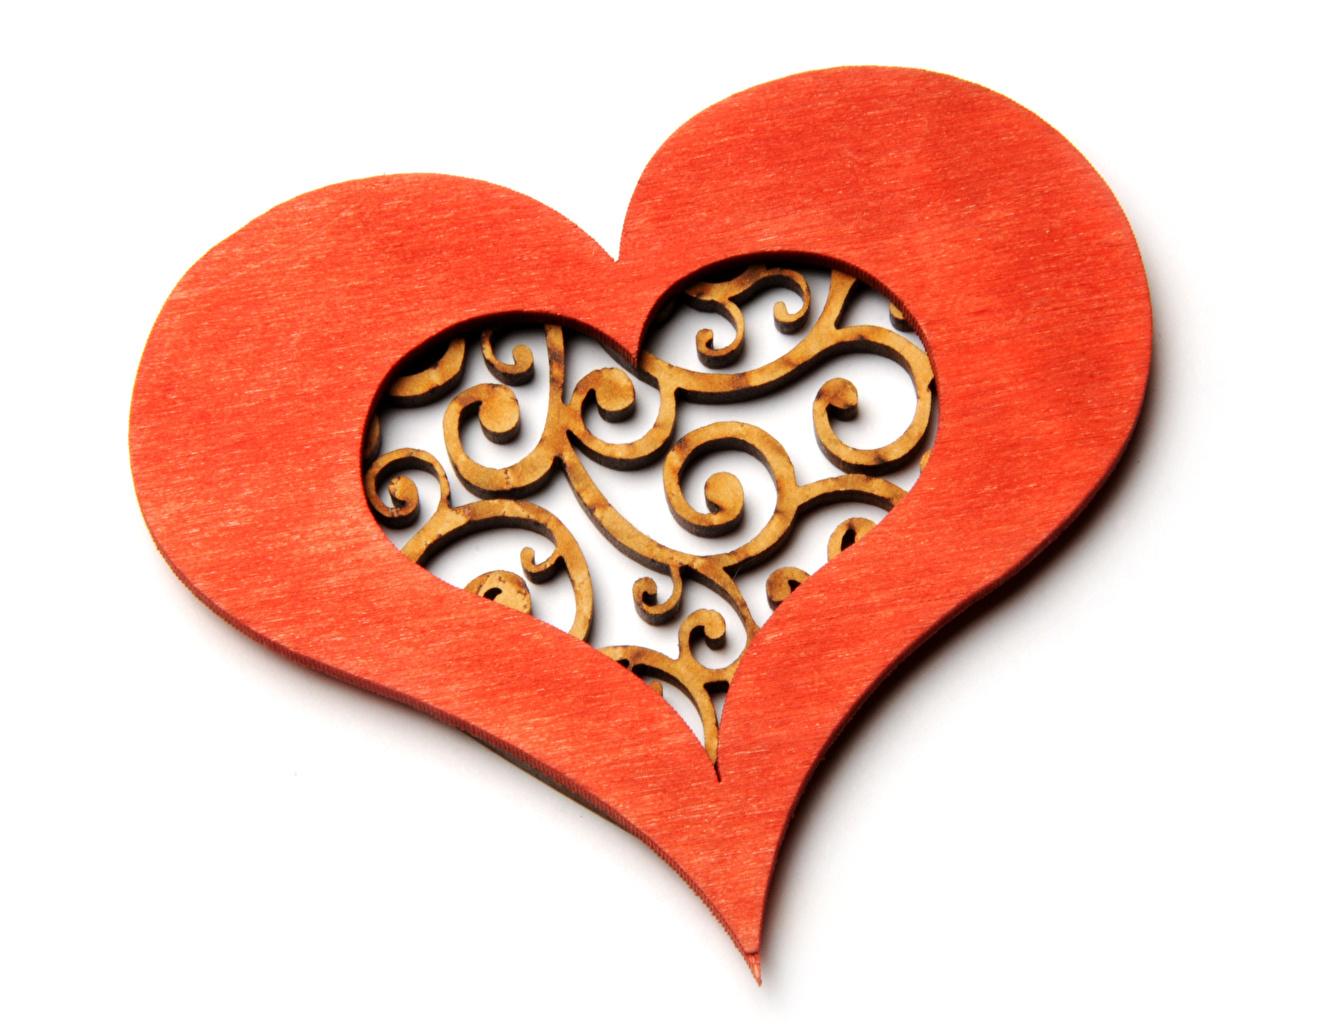 Фотография День святого Валентина Сердце Деревянный белом фоне Дизайн День всех влюблённых серце сердца сердечко из дерева Белый фон белым фоном дизайна